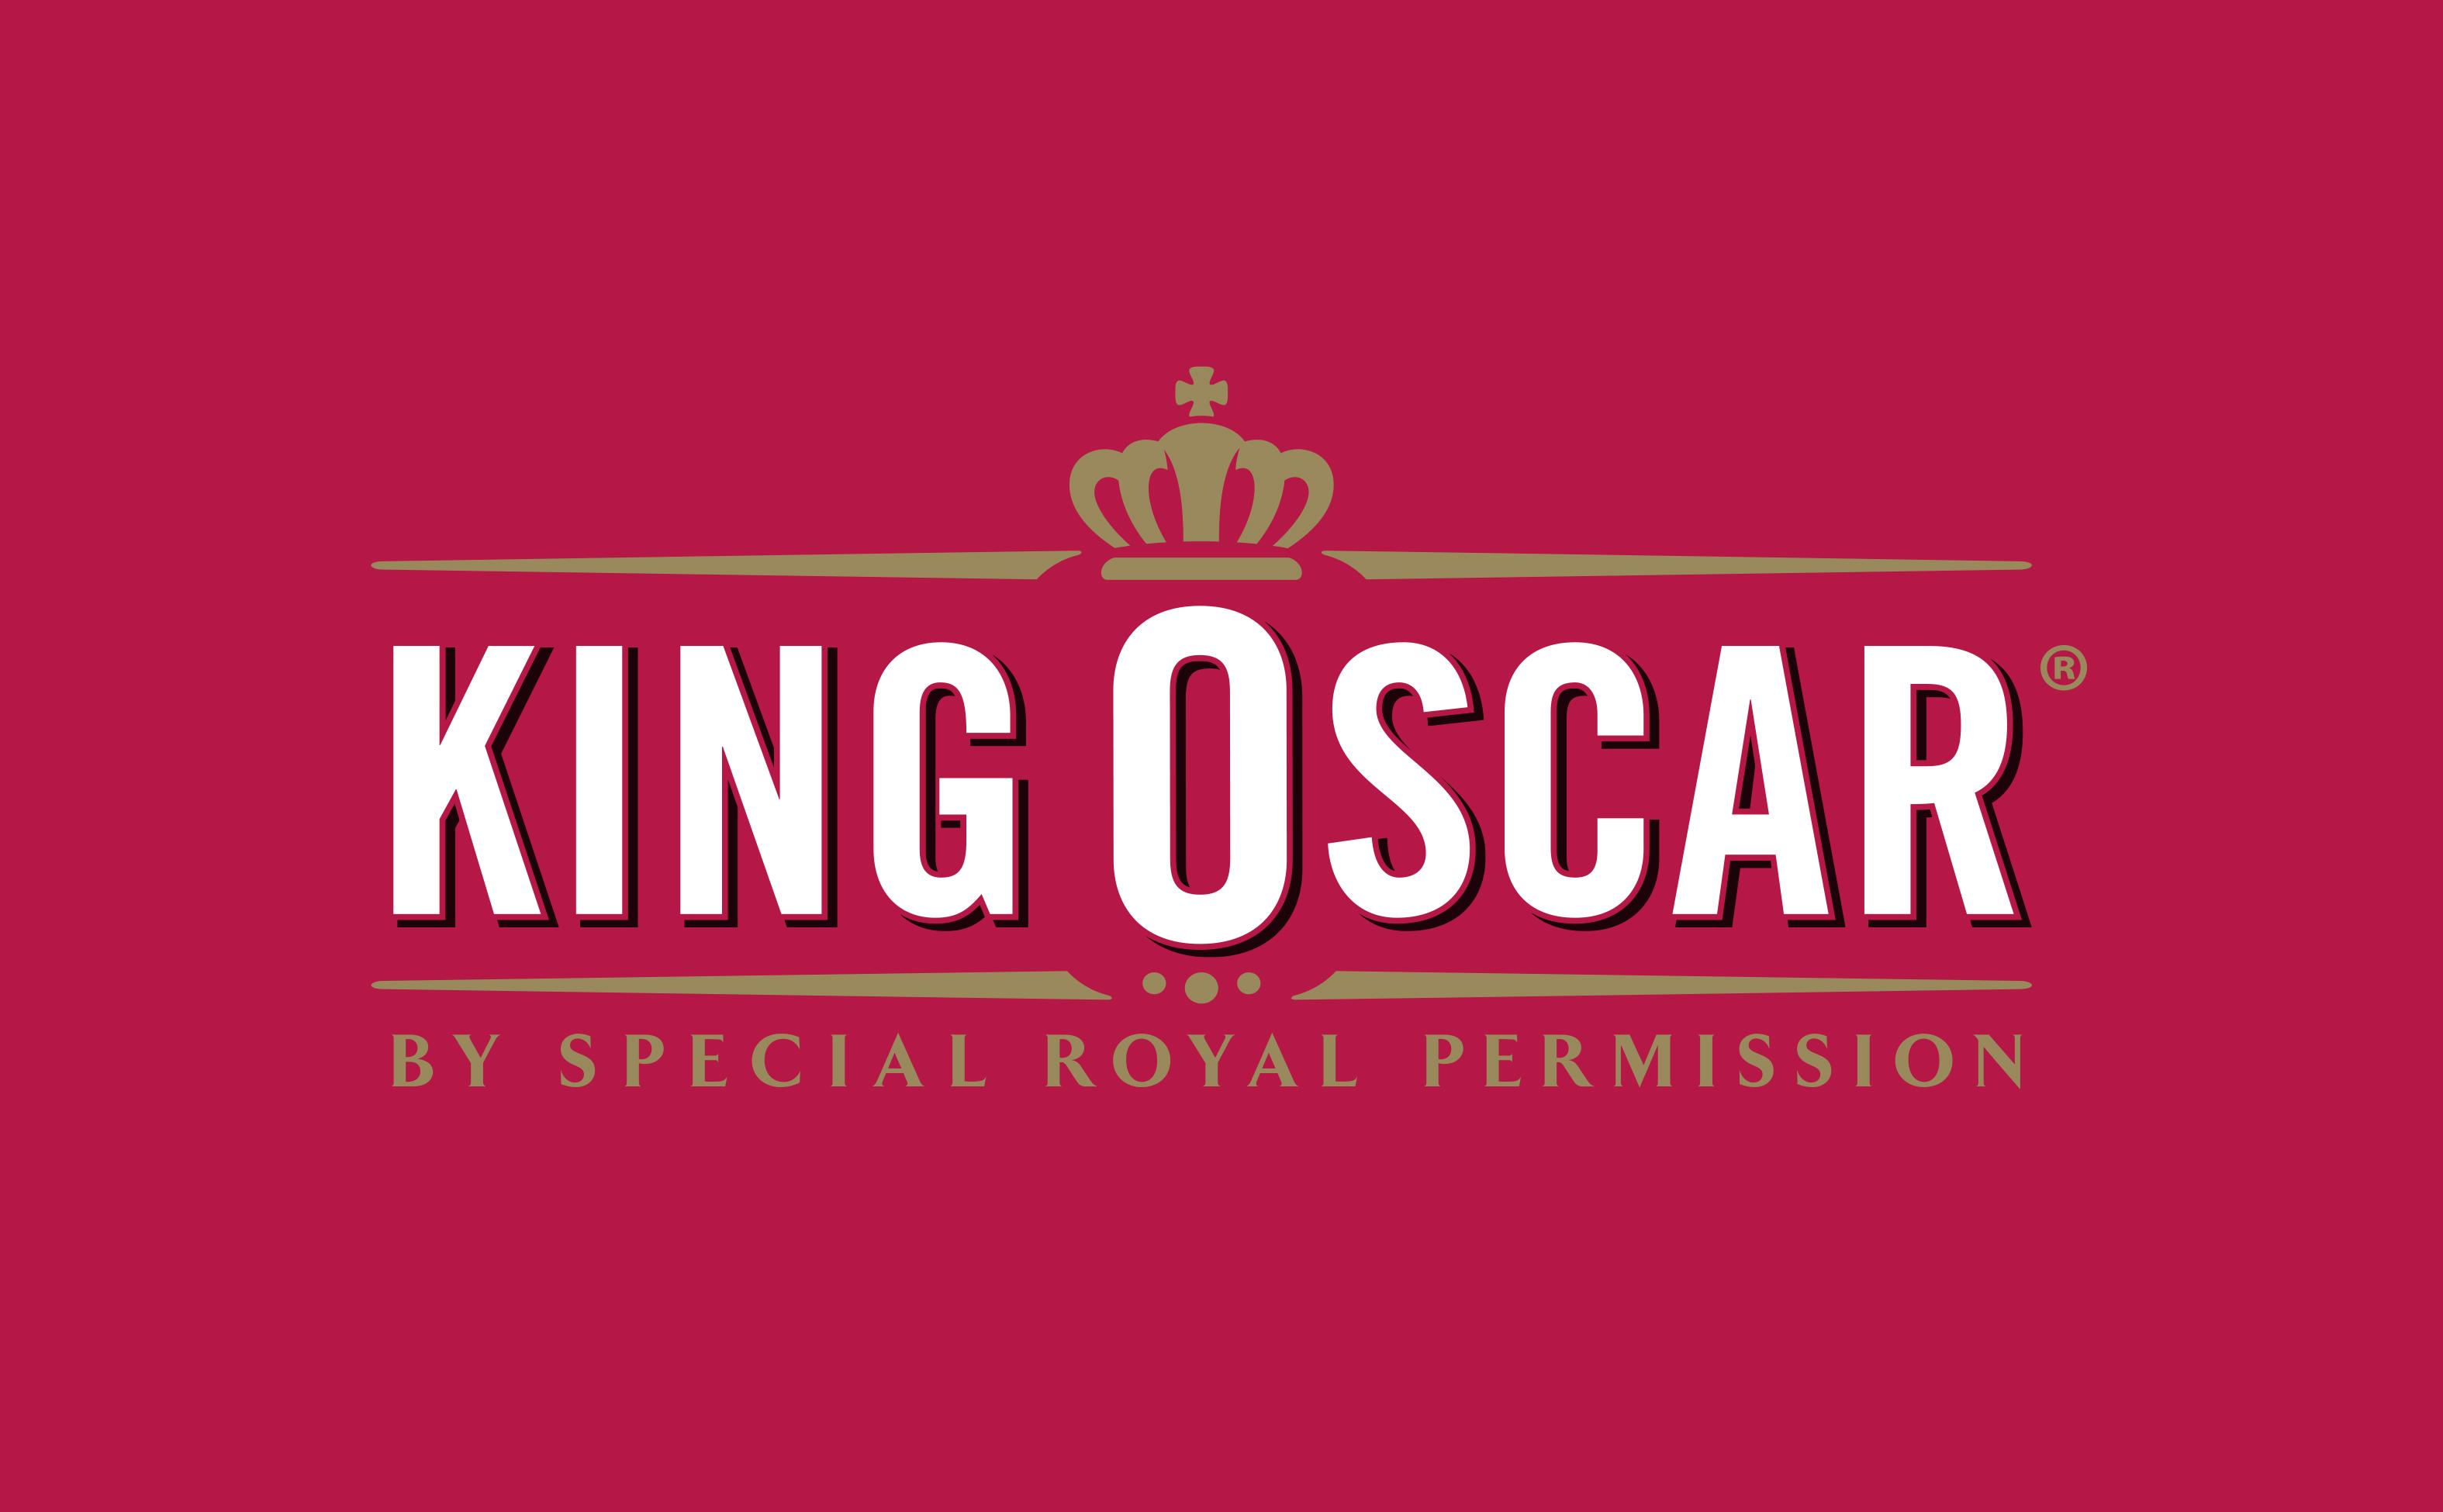 pl.kingoscar.com